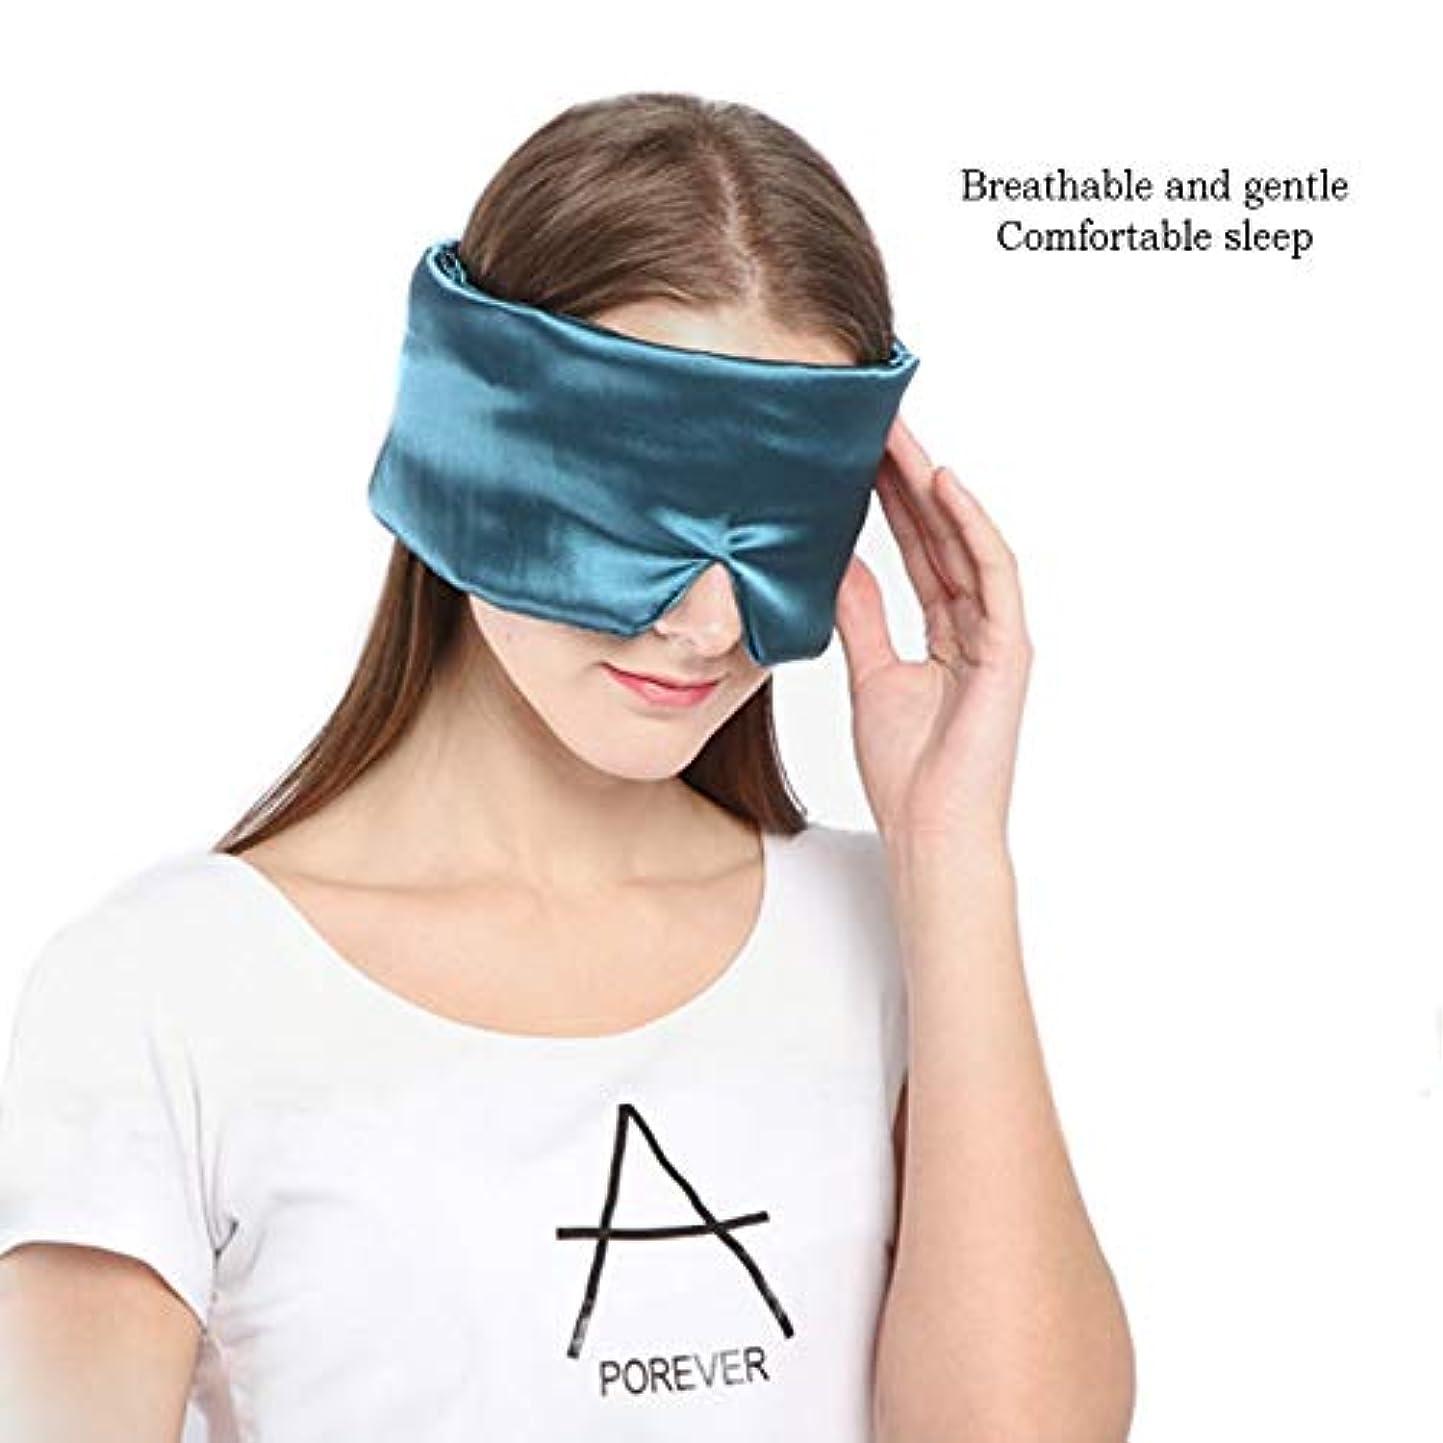 作成する家庭教師誓う注意純粋なシルクの睡眠休息のアイマスクパッド入りシェードカバー睡眠のアイマスク旅行リラックス補助目隠し睡眠アイシェード屋外接眼